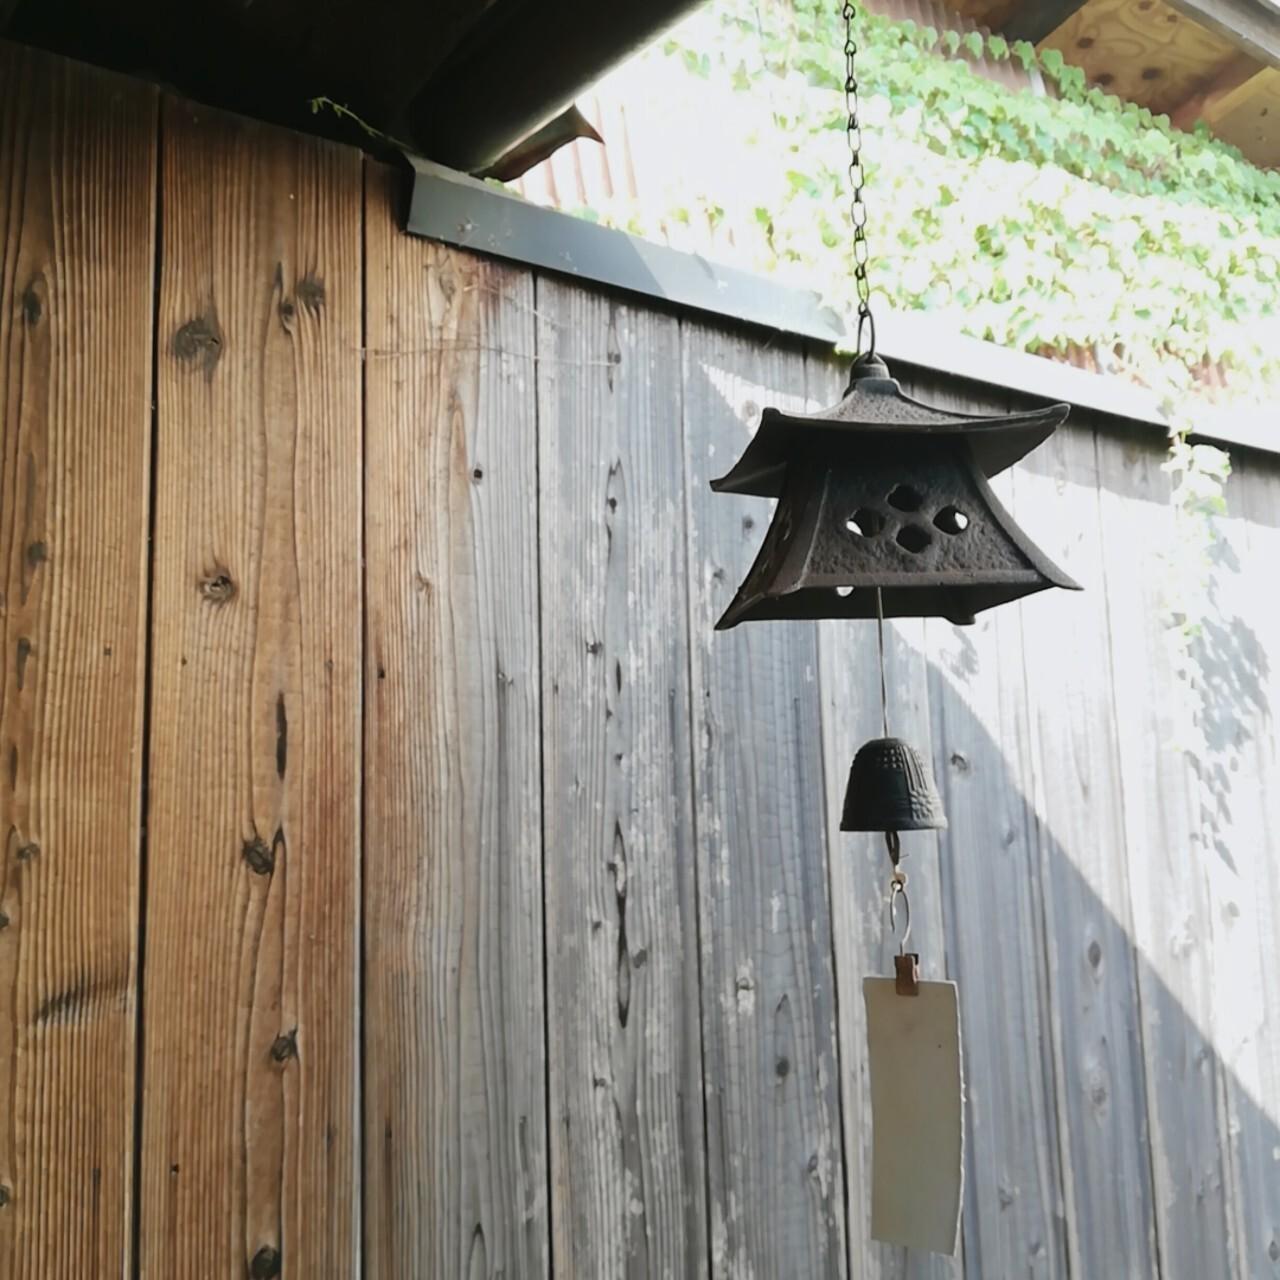 南部鉄器 吊灯篭 風鈴